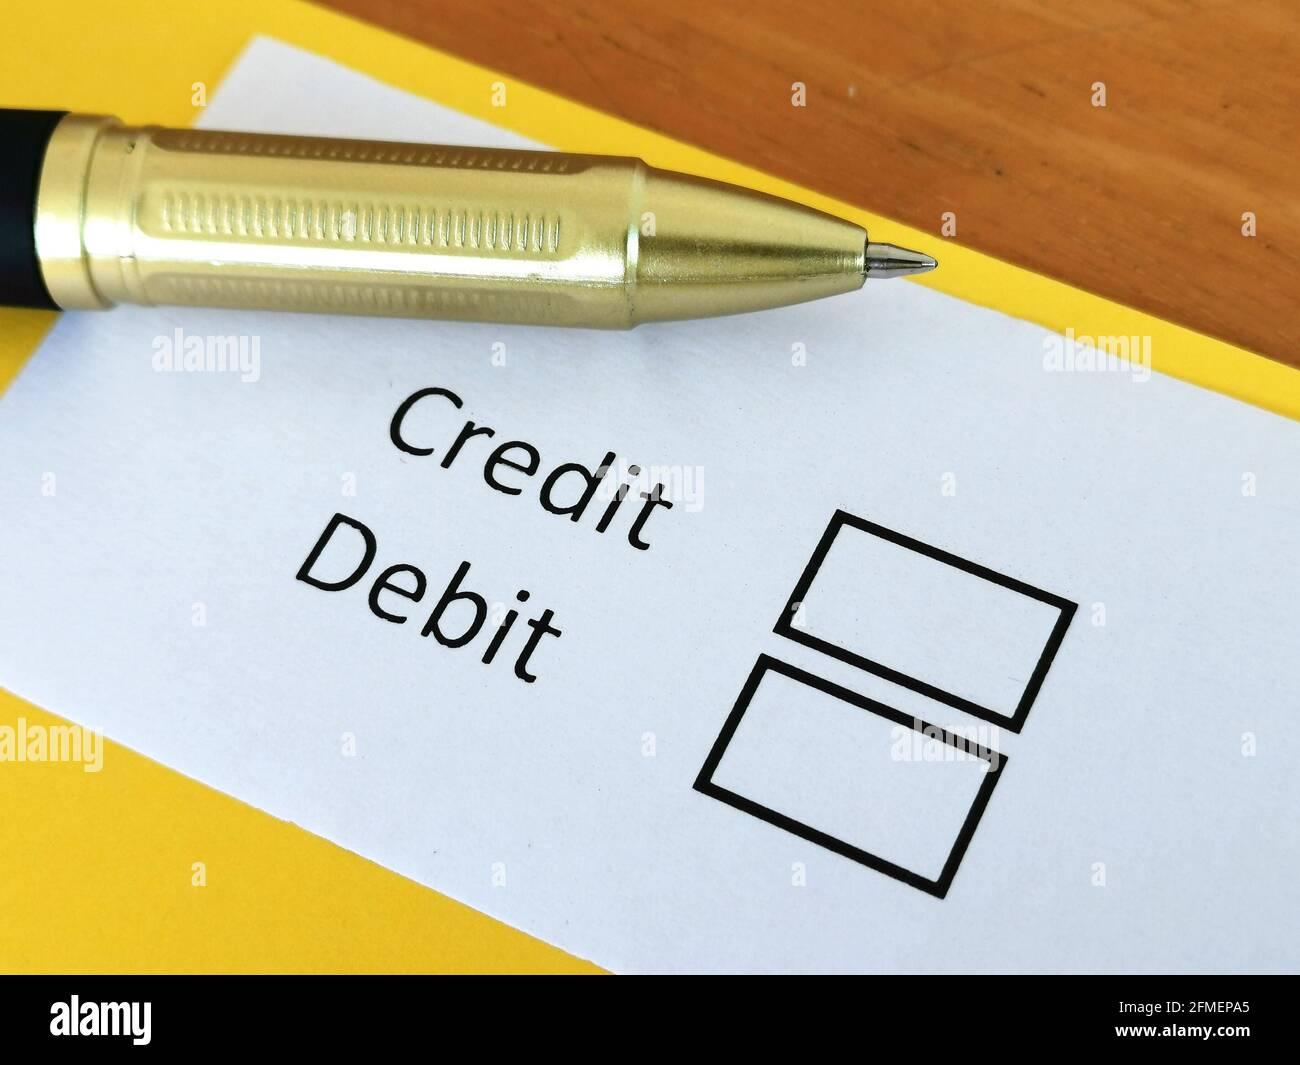 Una persona está respondiendo a la pregunta sobre crédito y débito. Foto de stock